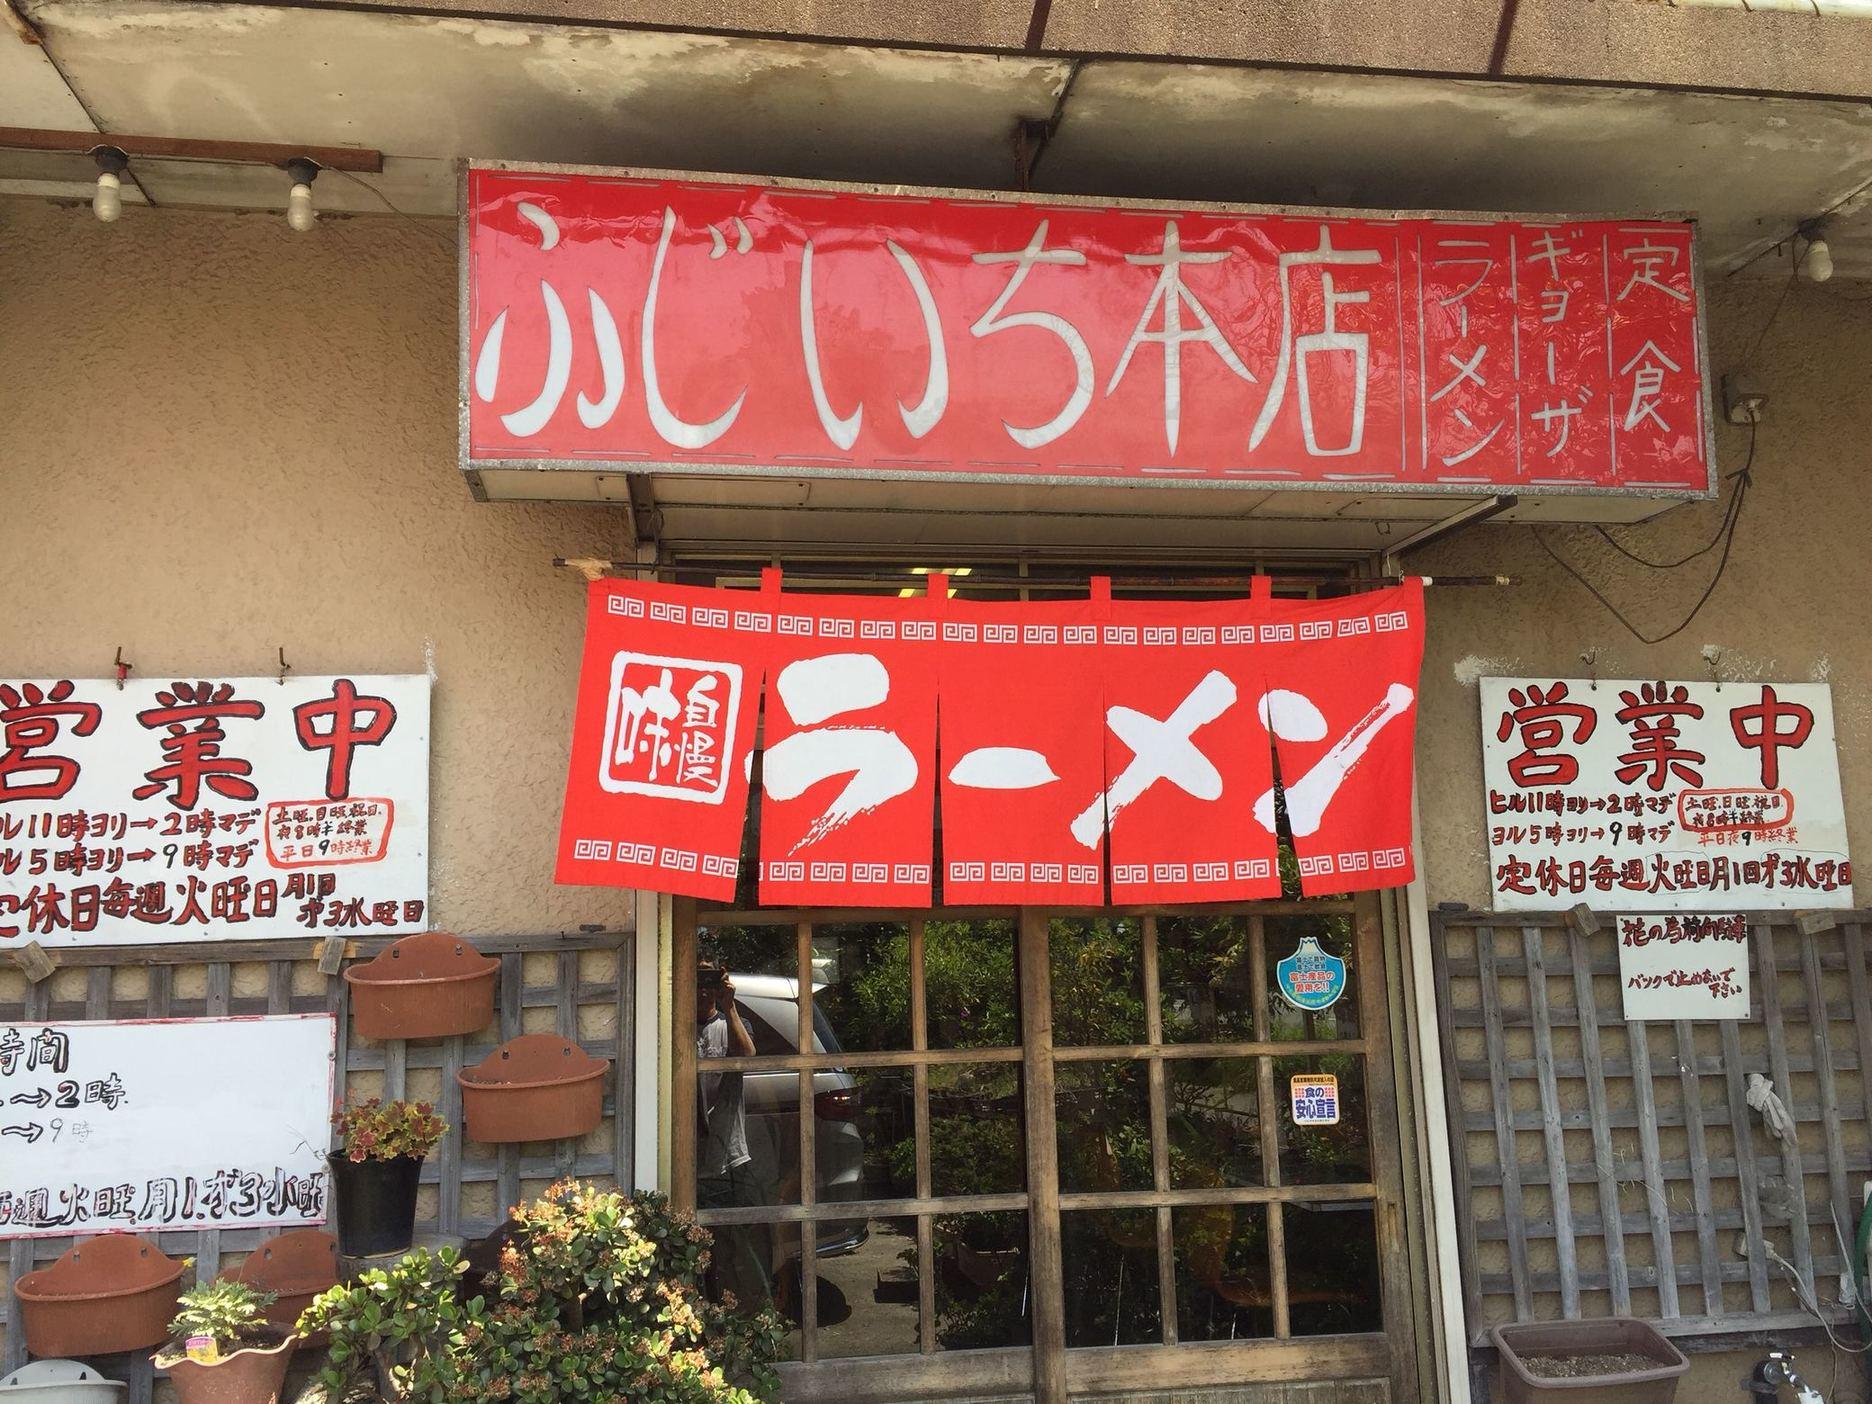 ふじいち食堂 本店 name=